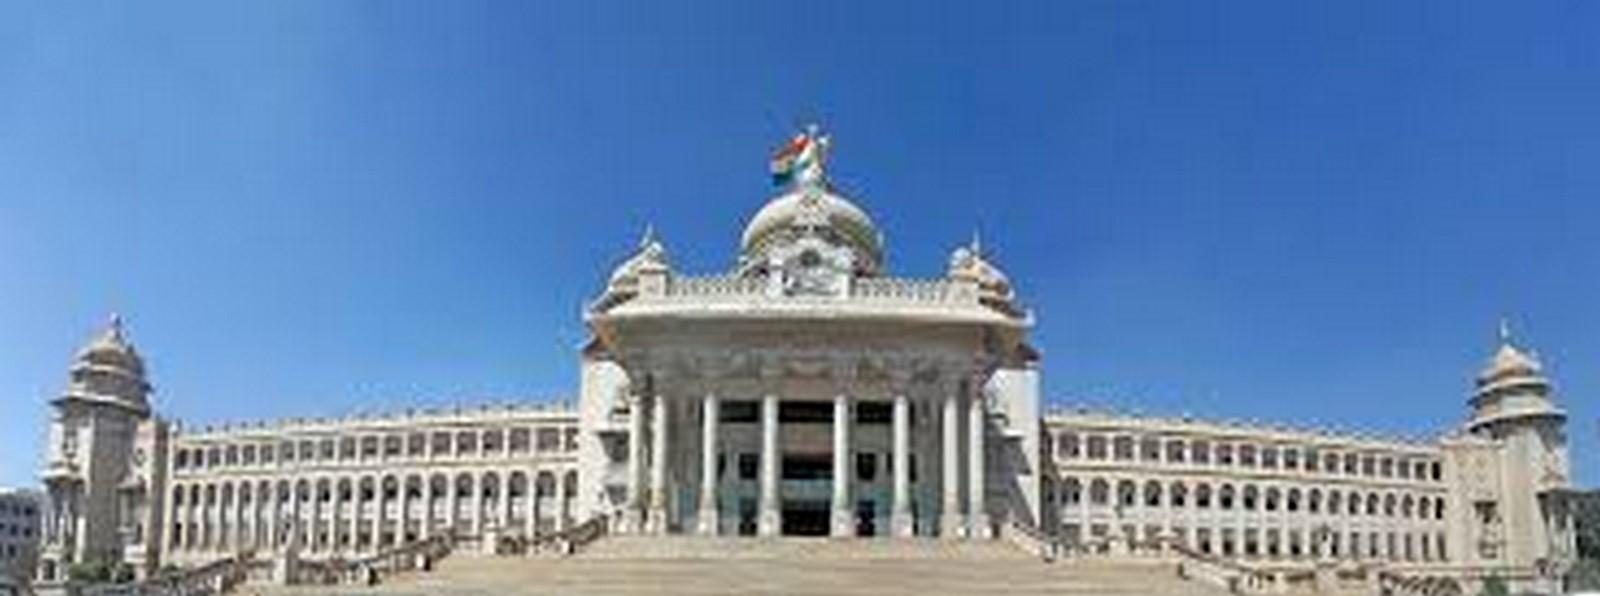 Suvarna Vidhana Soudha, Bengaluru, Karnataka: Reflection of Regional Architecture - Sheet1